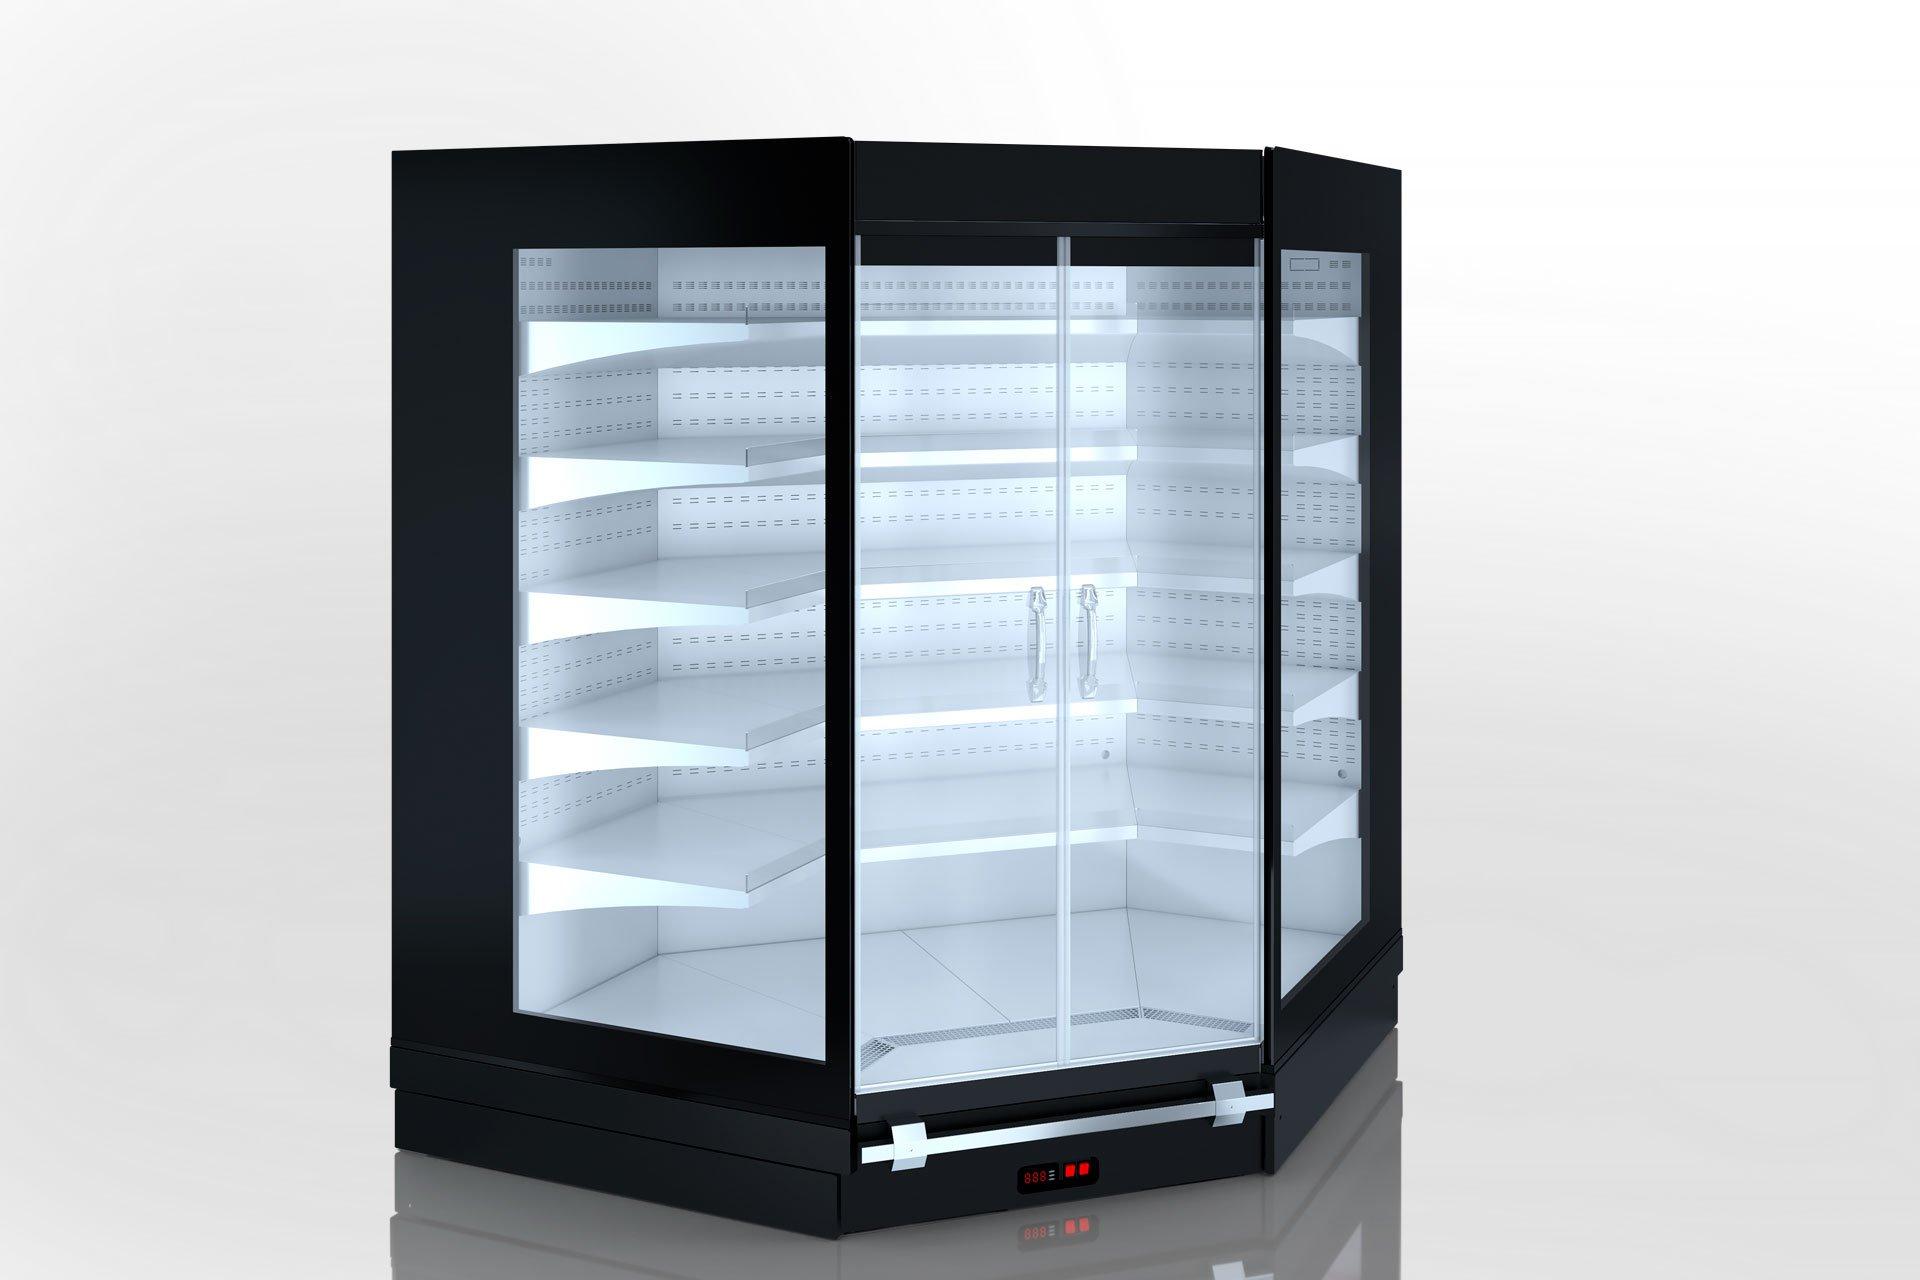 Multideck cabinets Louisiana MV 105 MT D 210-DLM-IS90